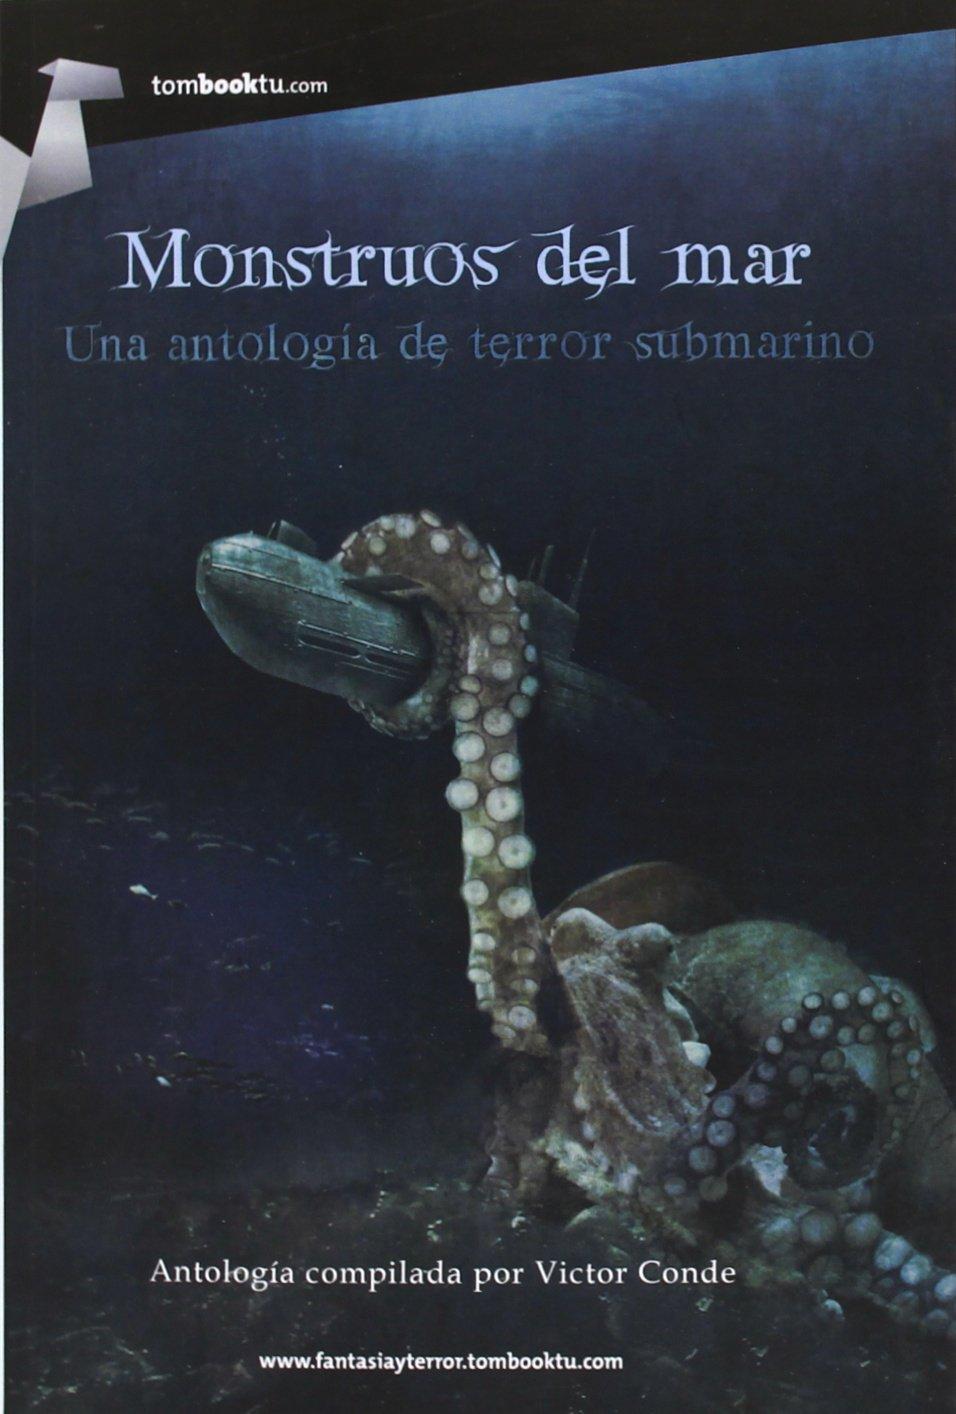 Monstruos del mar (Tombooktu Fantasia y Terror): Amazon.es: Varios Autores: Libros